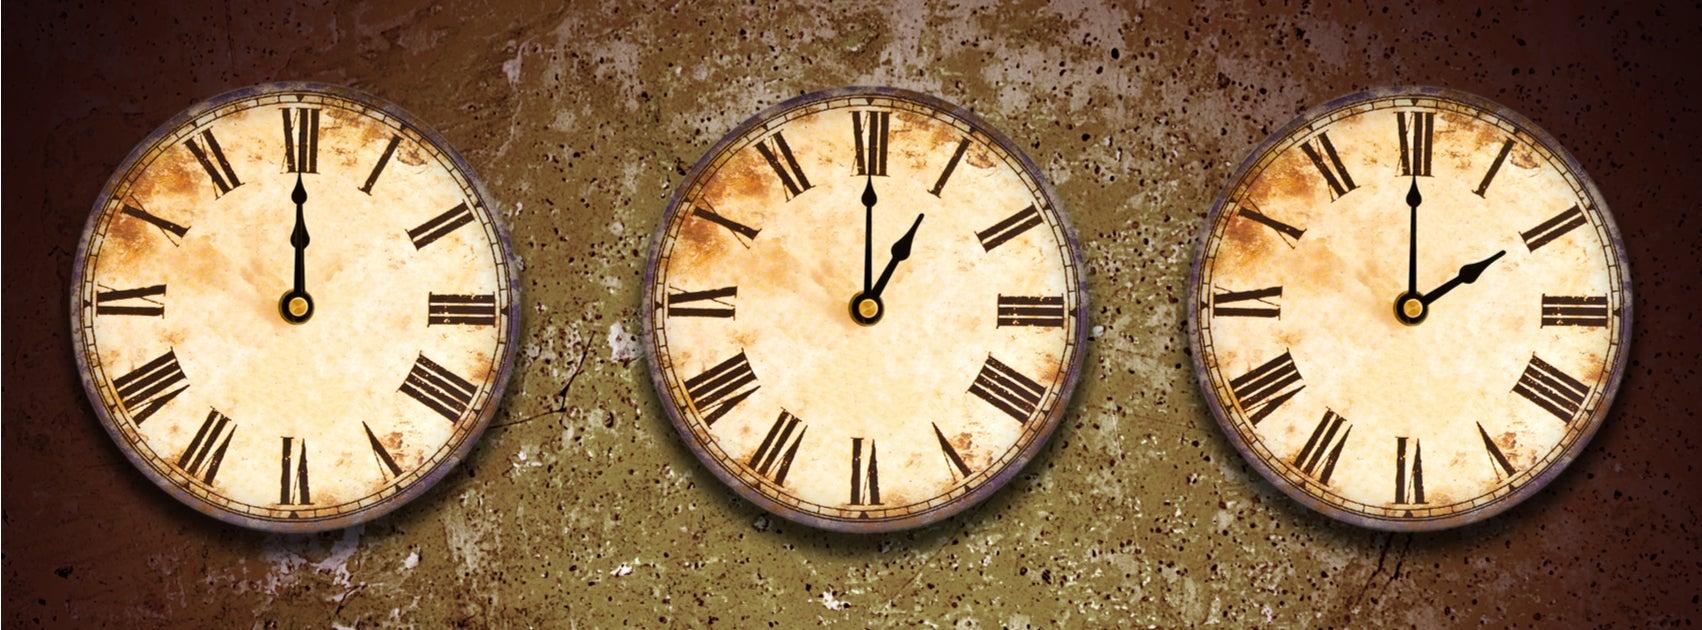 Relojes de pared los grandes olvidados de la decoraci n - Relojes para decorar paredes ...